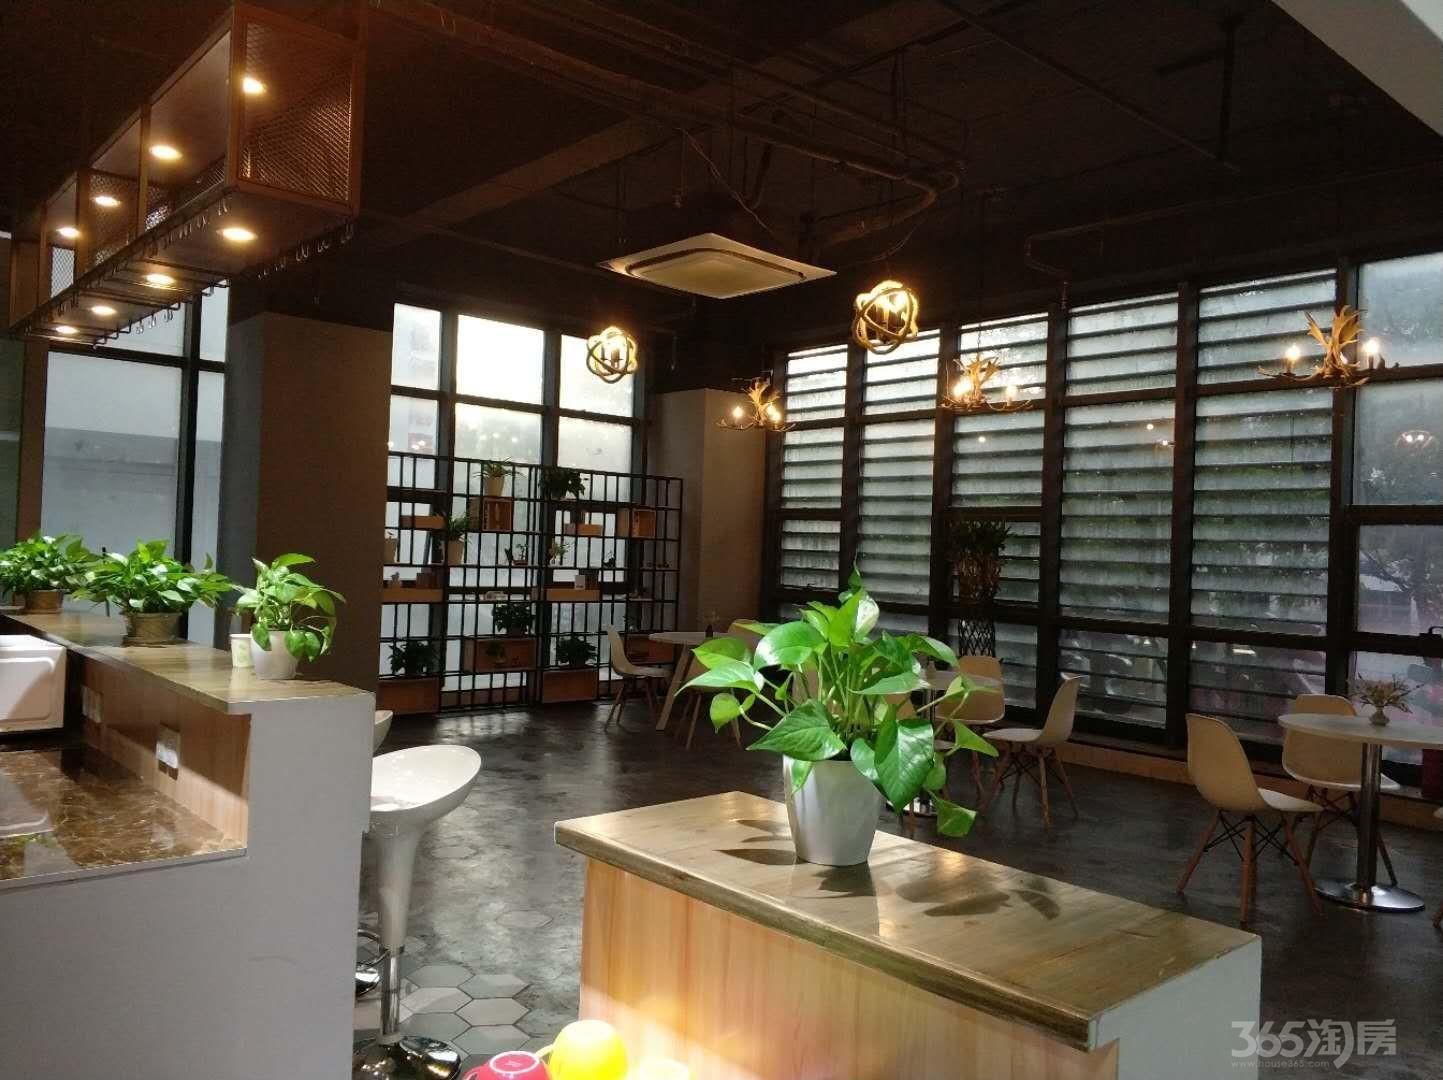 咖啡吧 花店 水果店 年